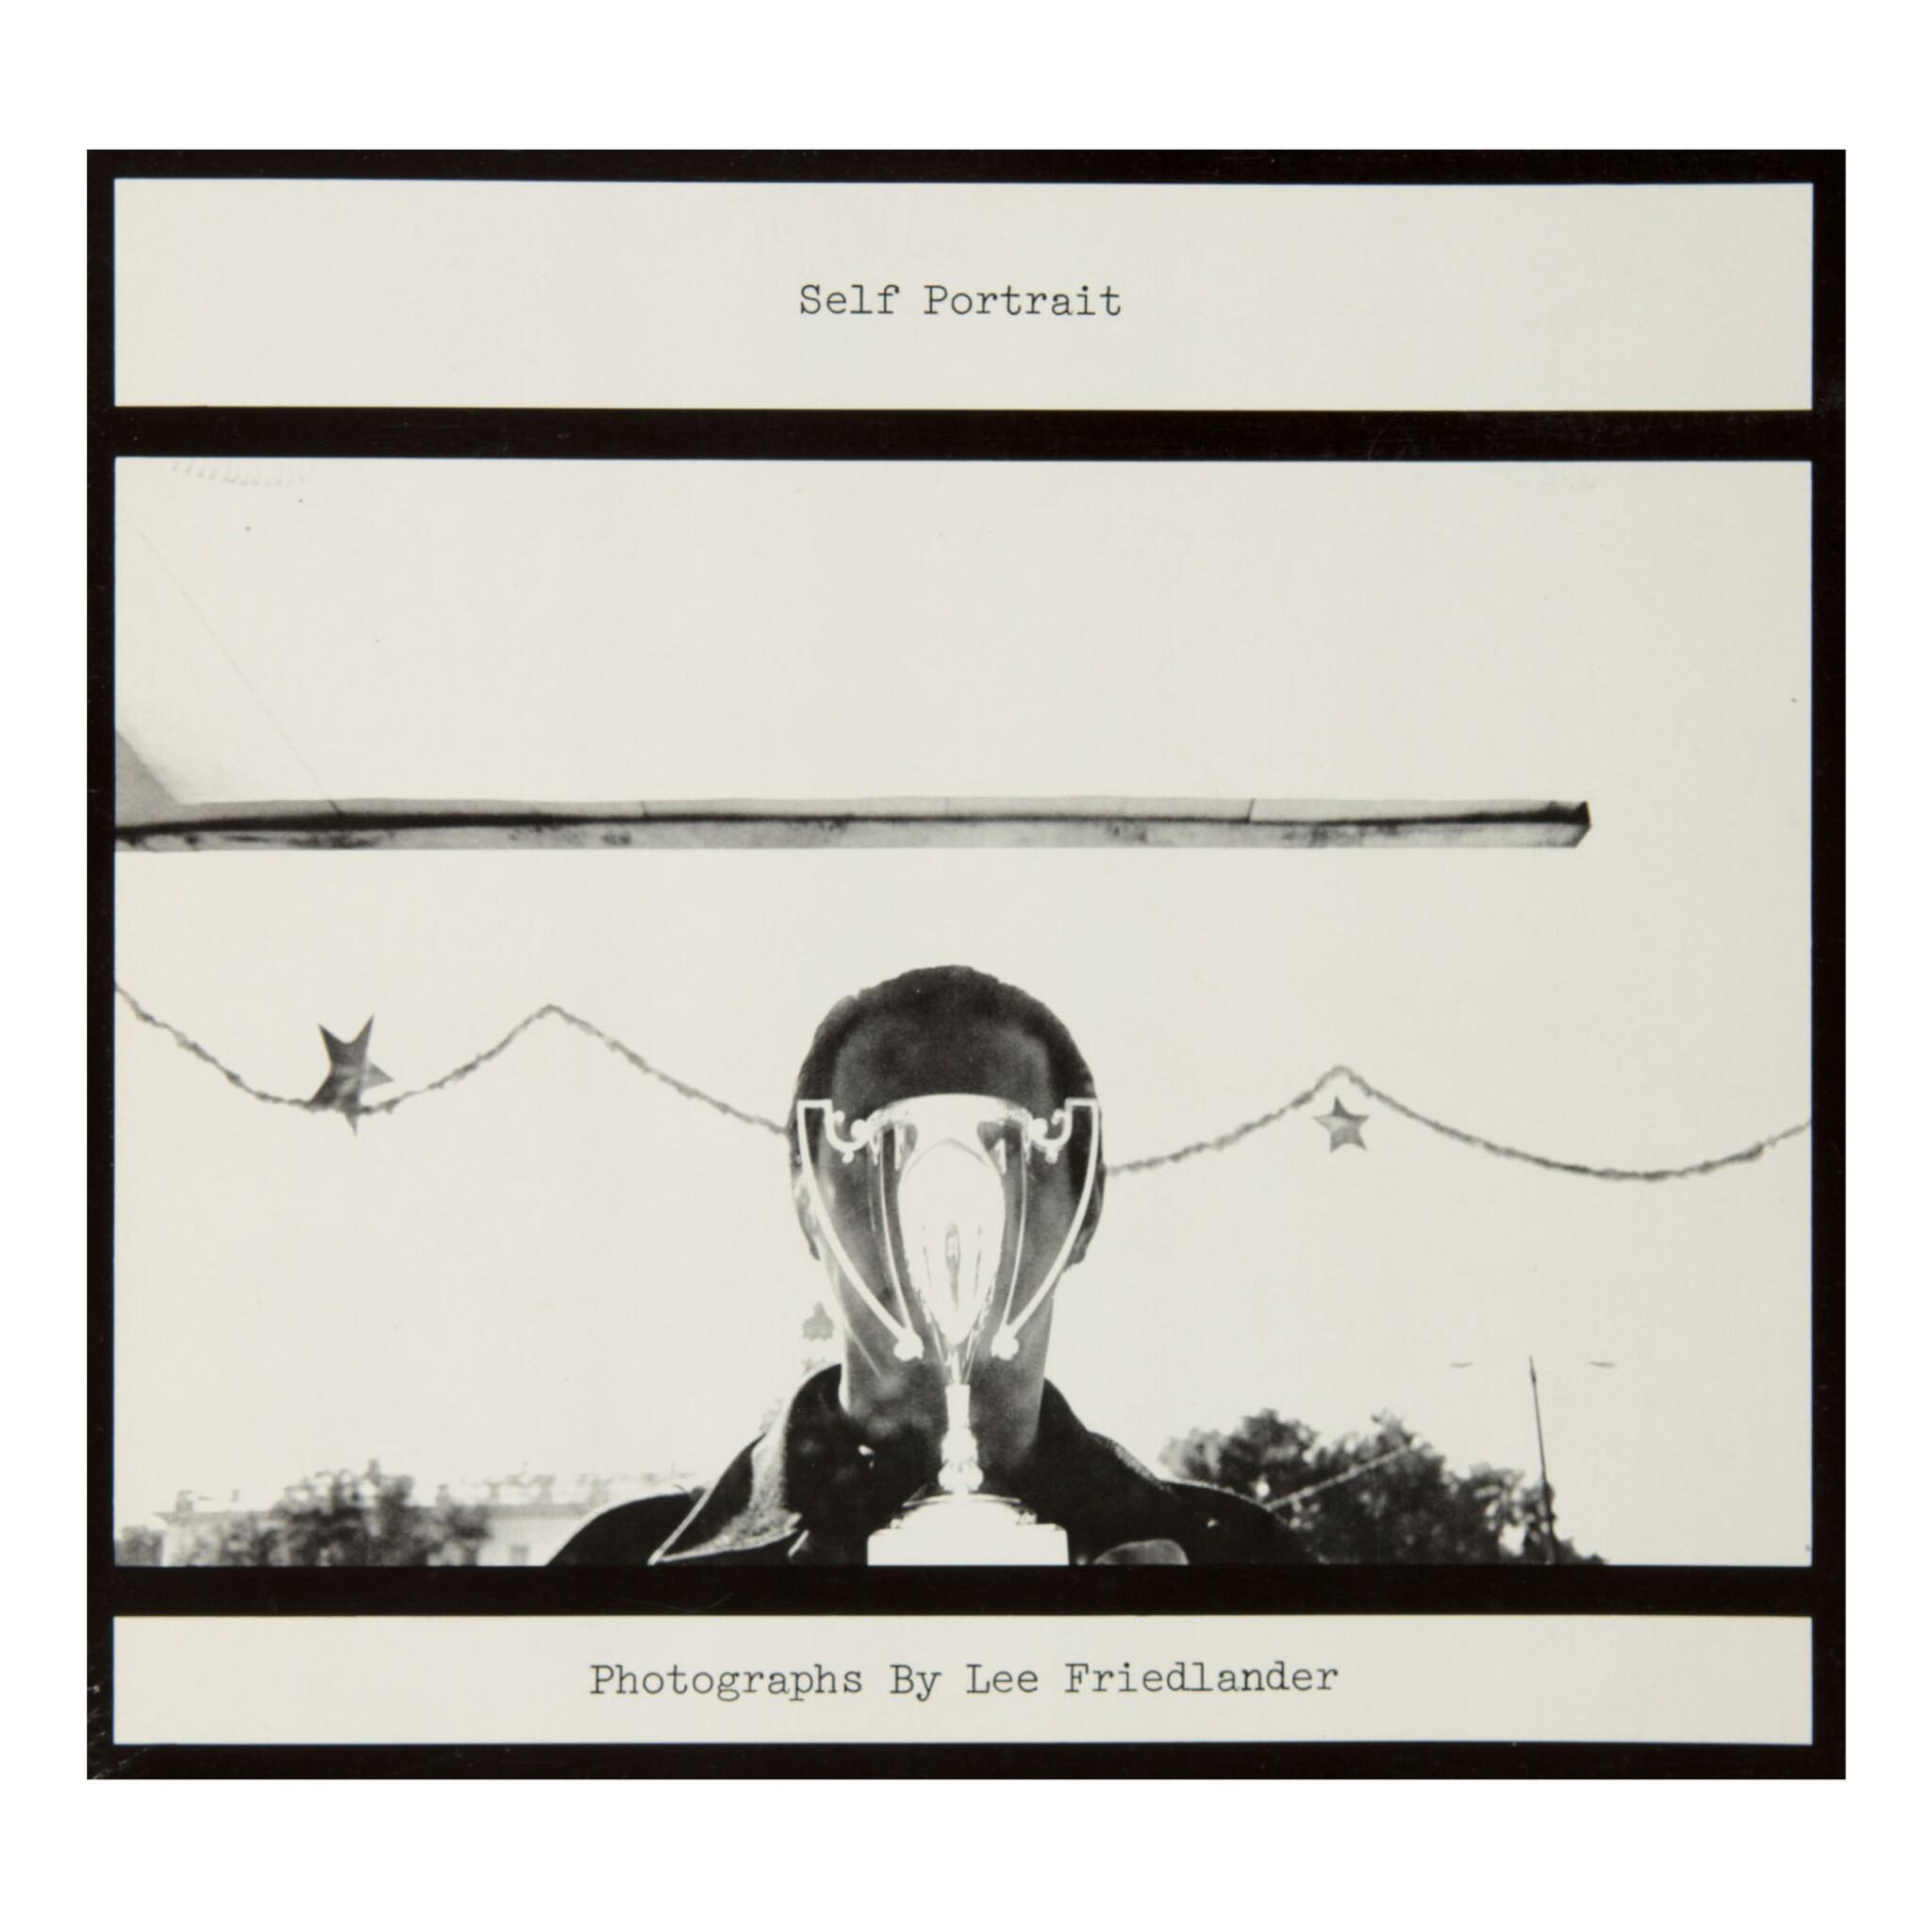 LEE FRIEDLANDER | 'SELF-PORTRAIT: LEE FRIEDLANDER' (INSCRIBED TO ARNOLD CRANE)